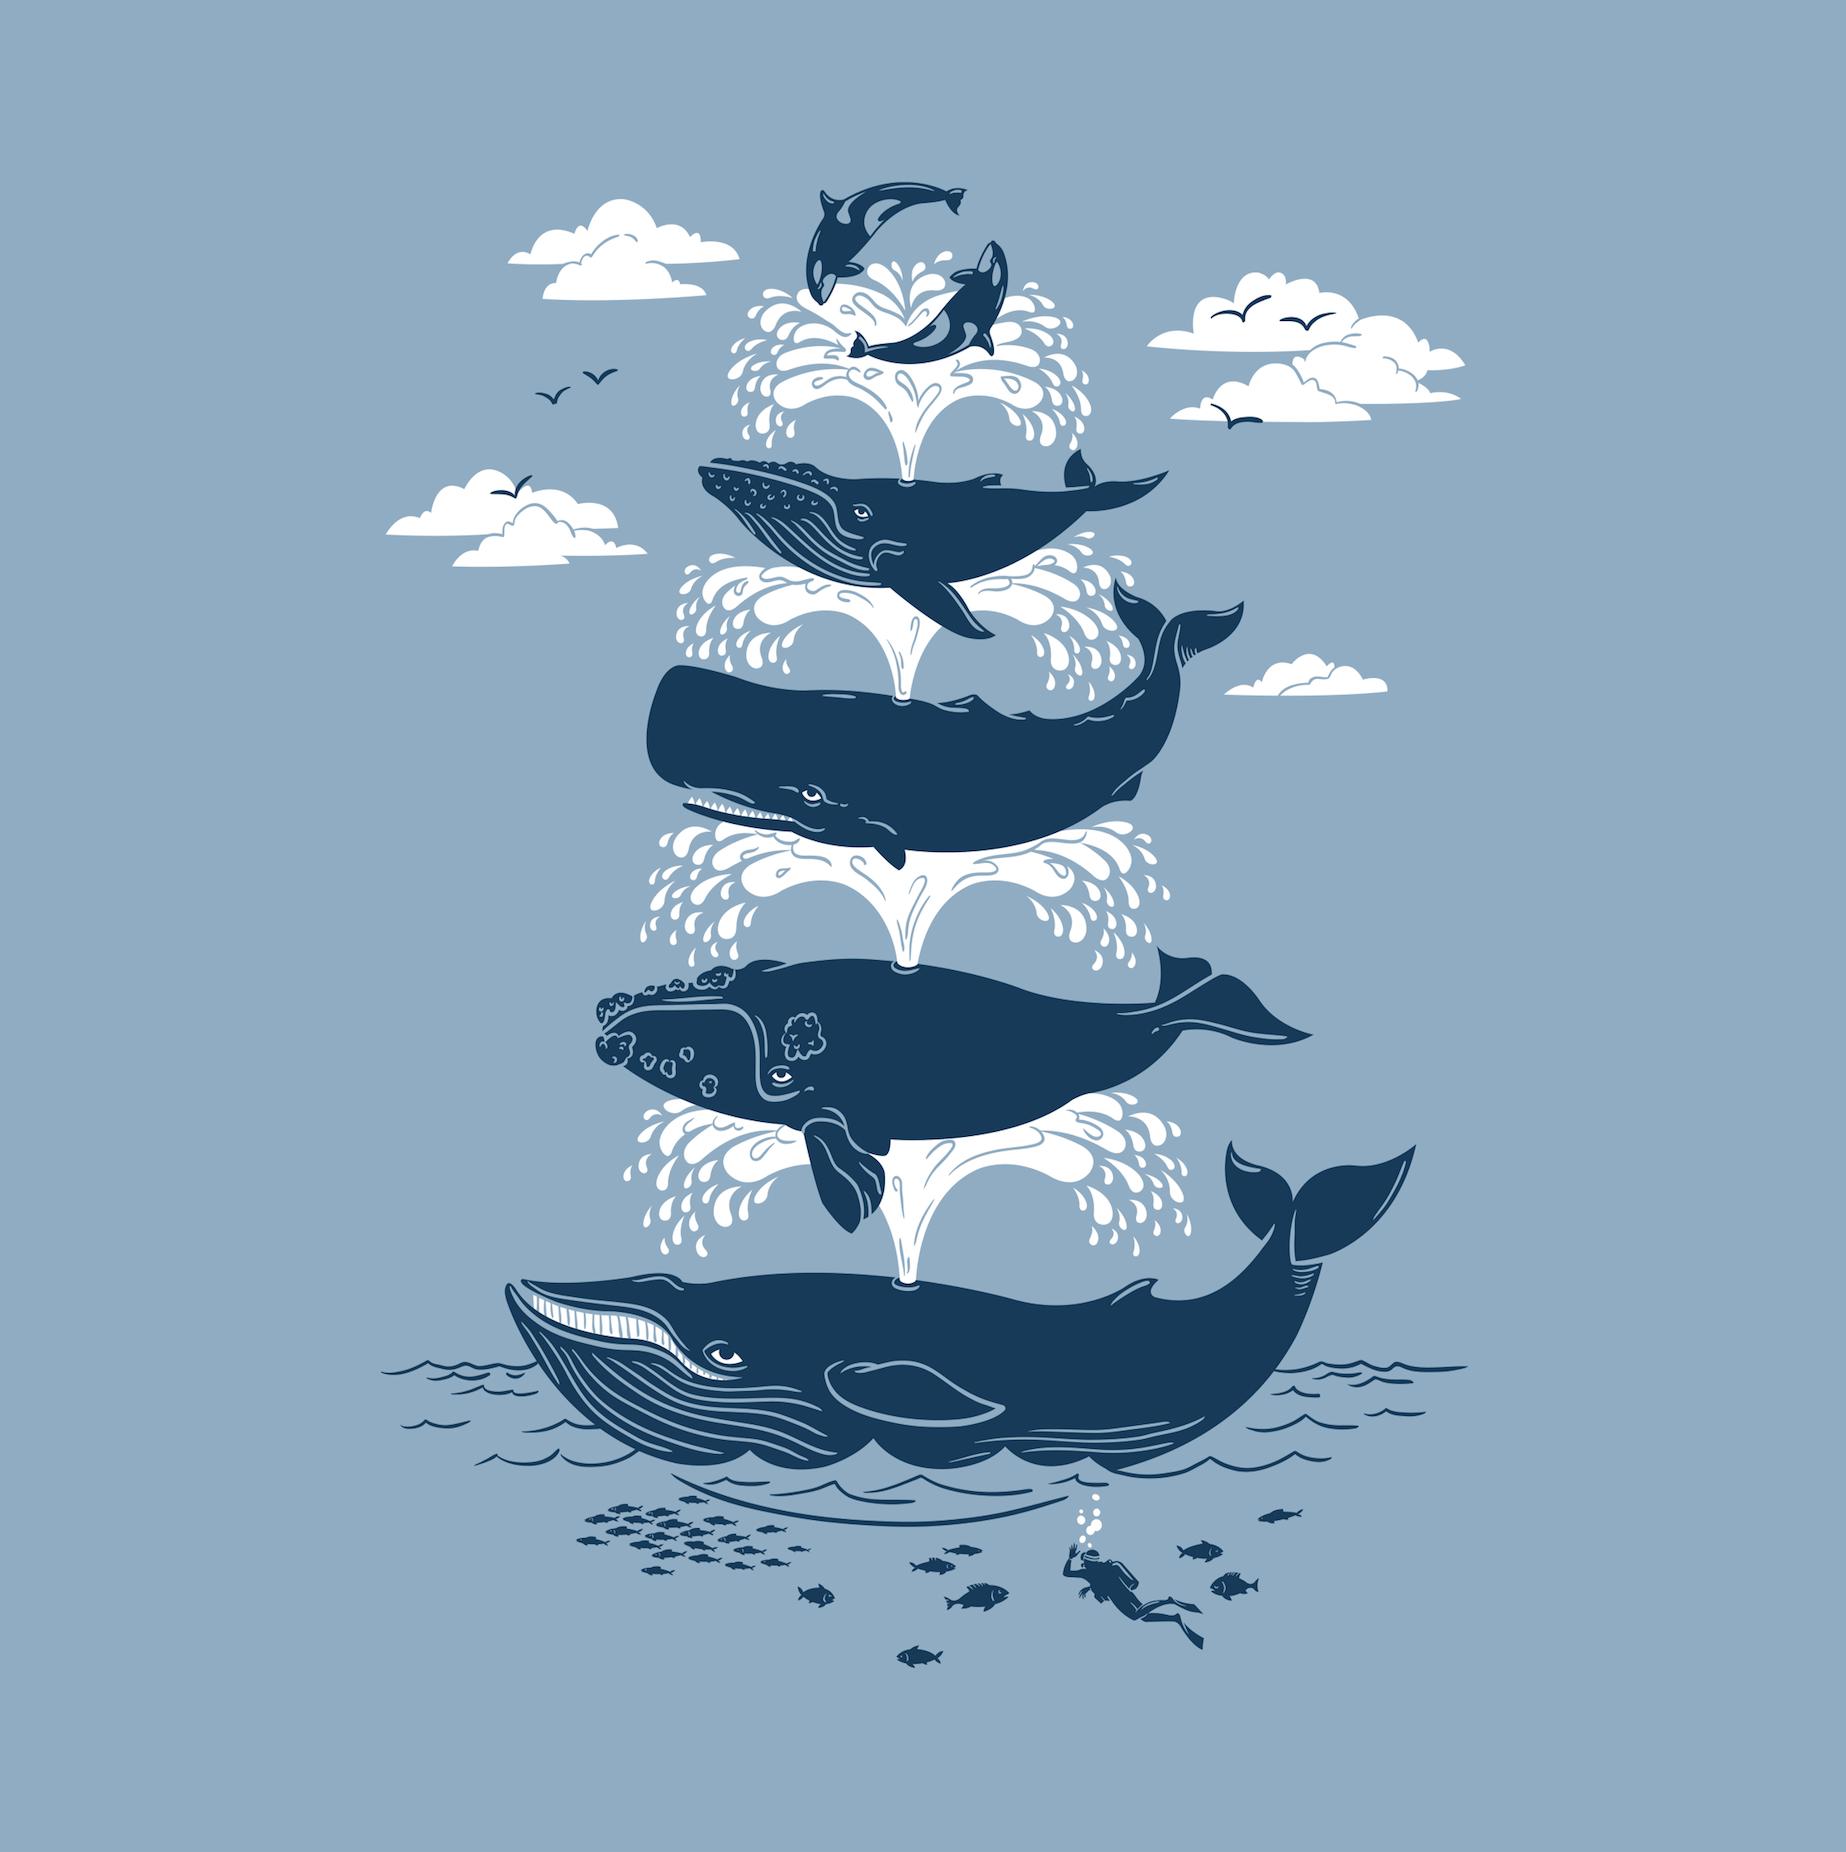 Whale design